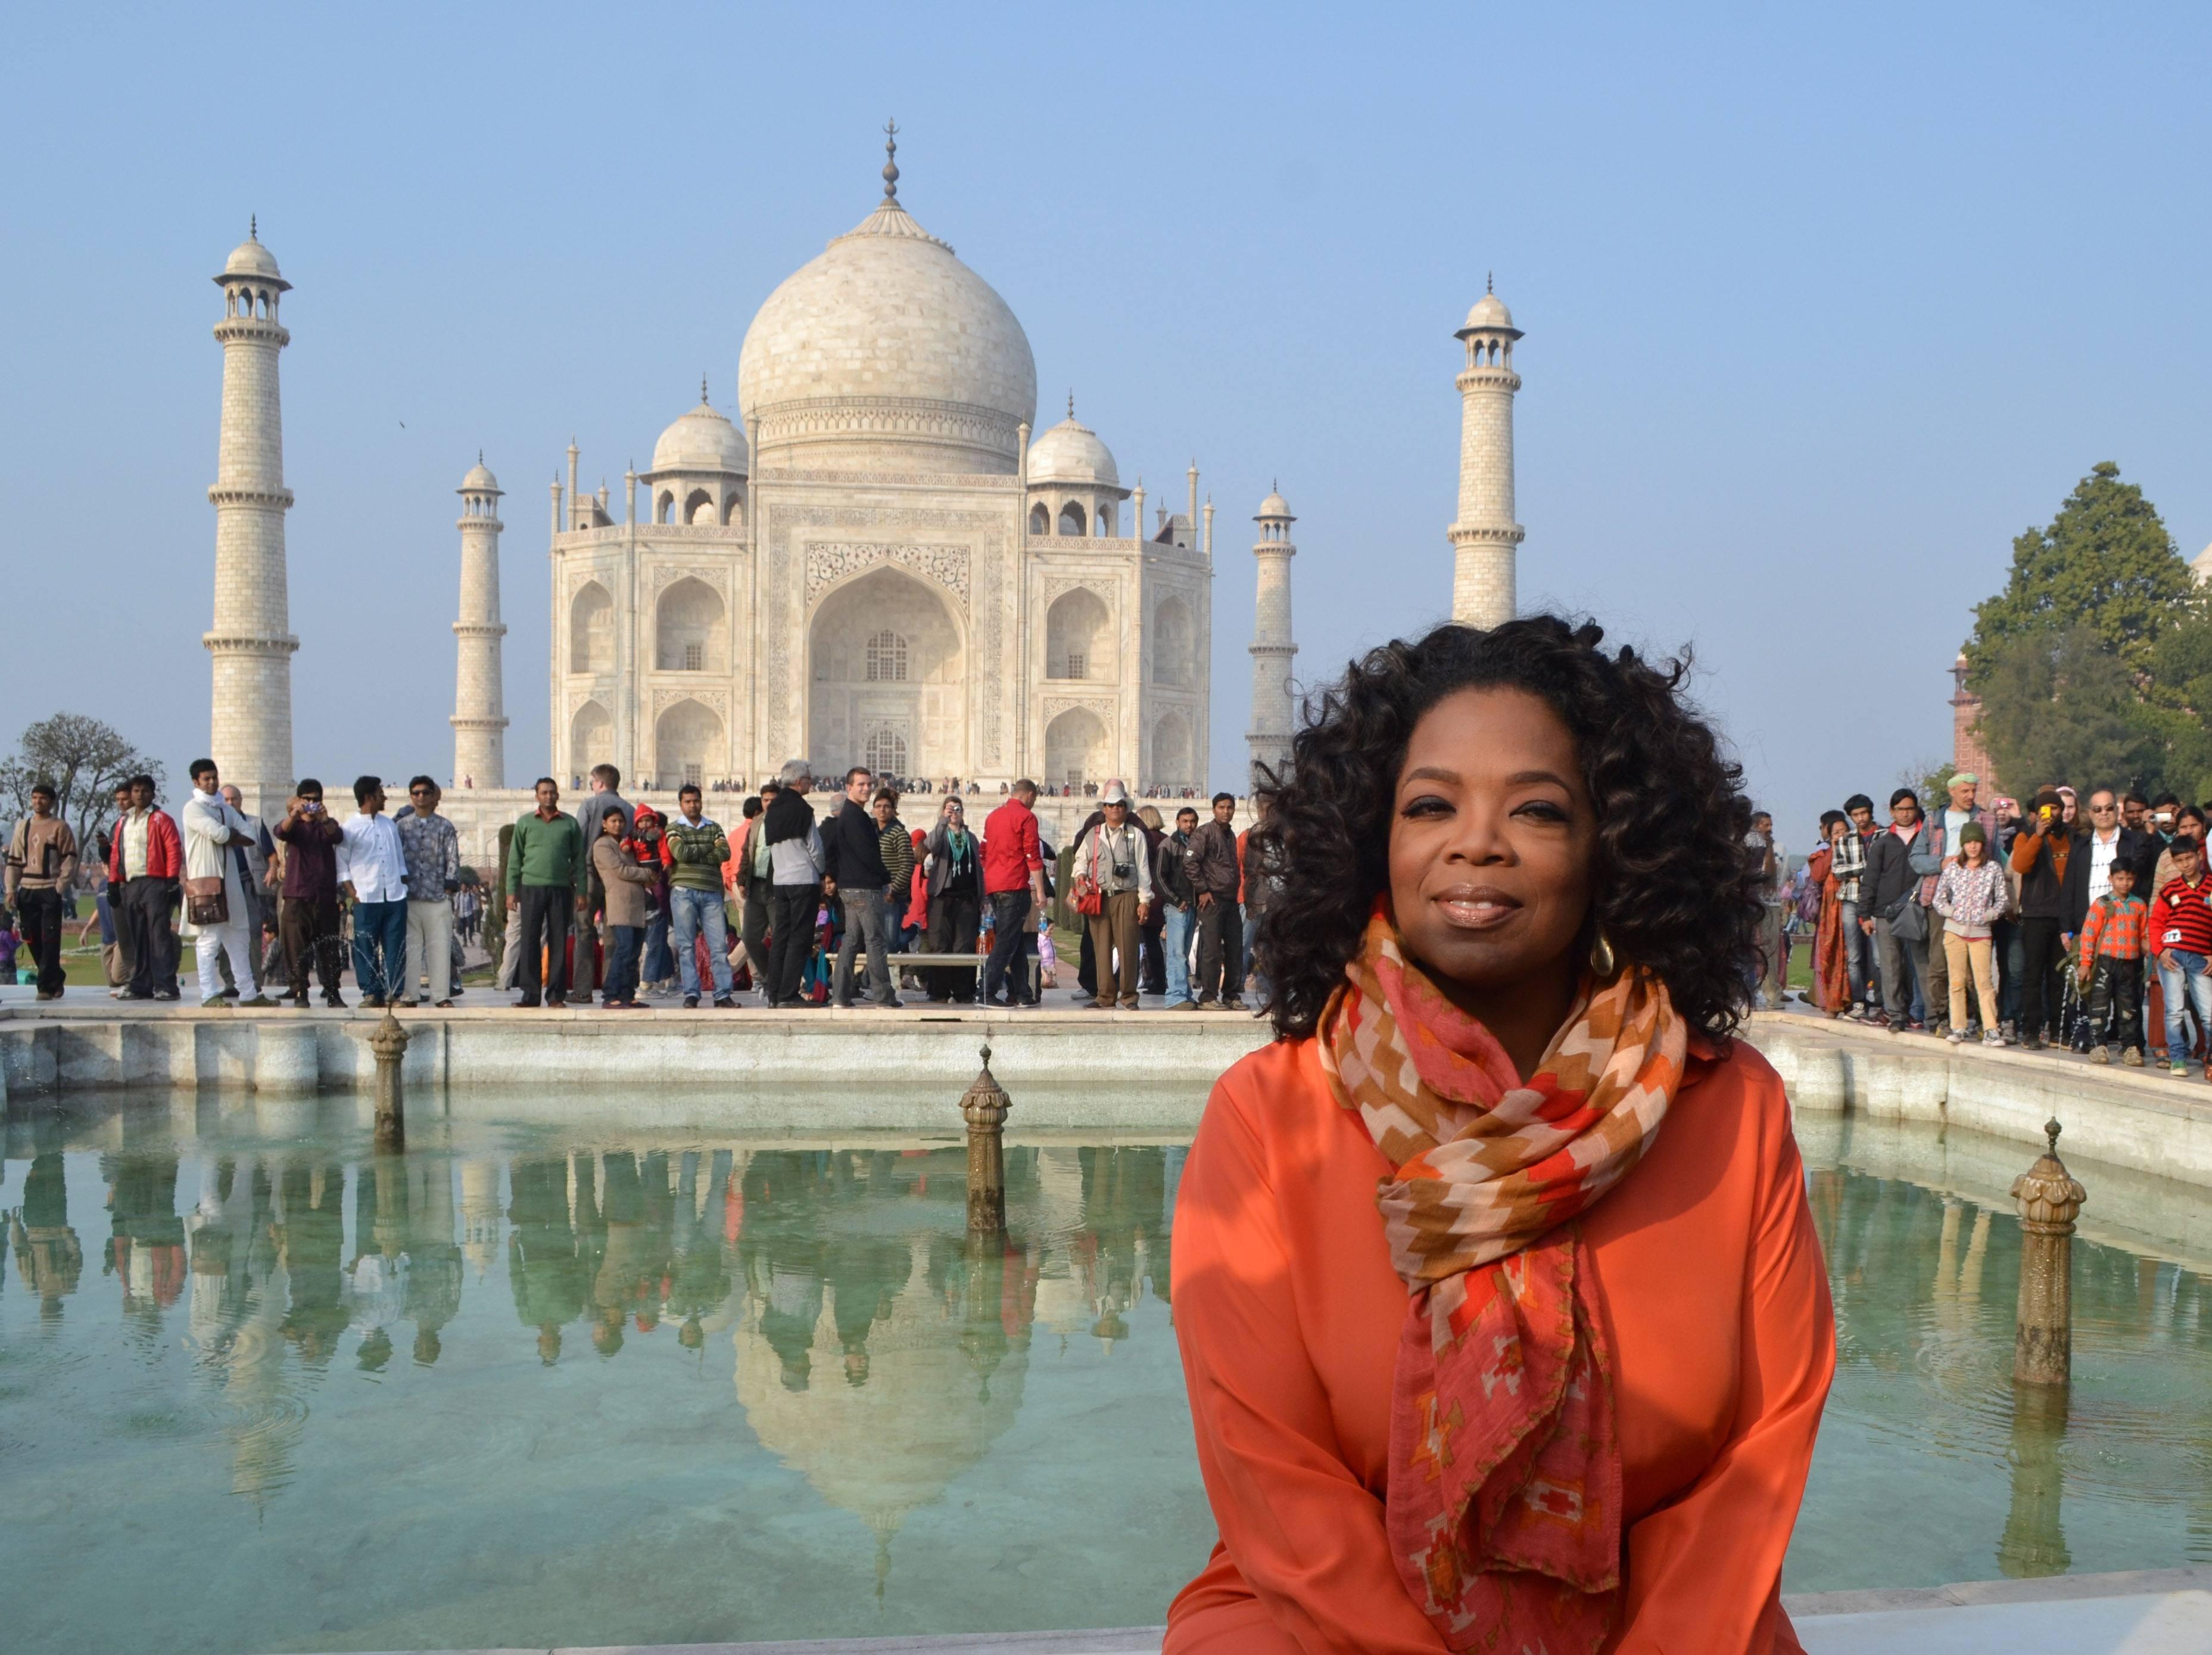 Oprah in front of the Taj Mahal